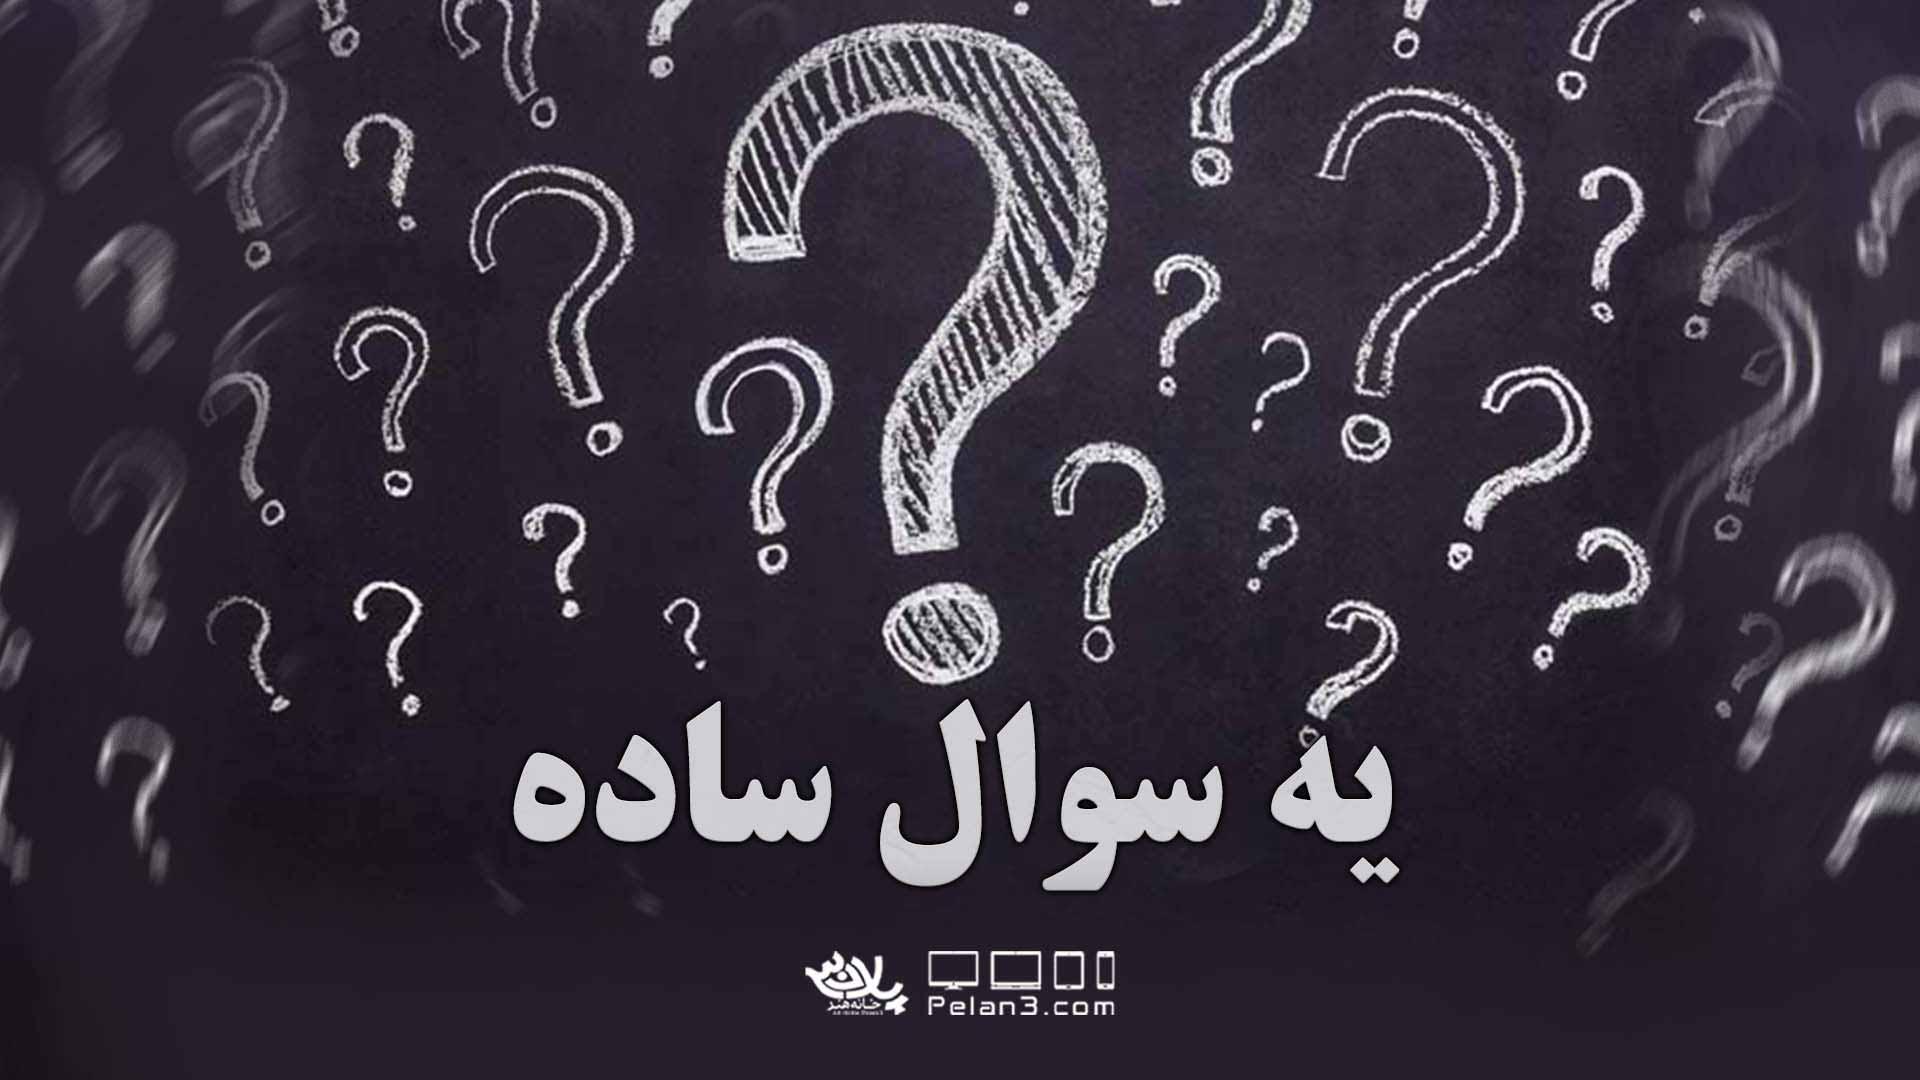 دانلود مداحی یه سوال ساده علی اکبر حائری